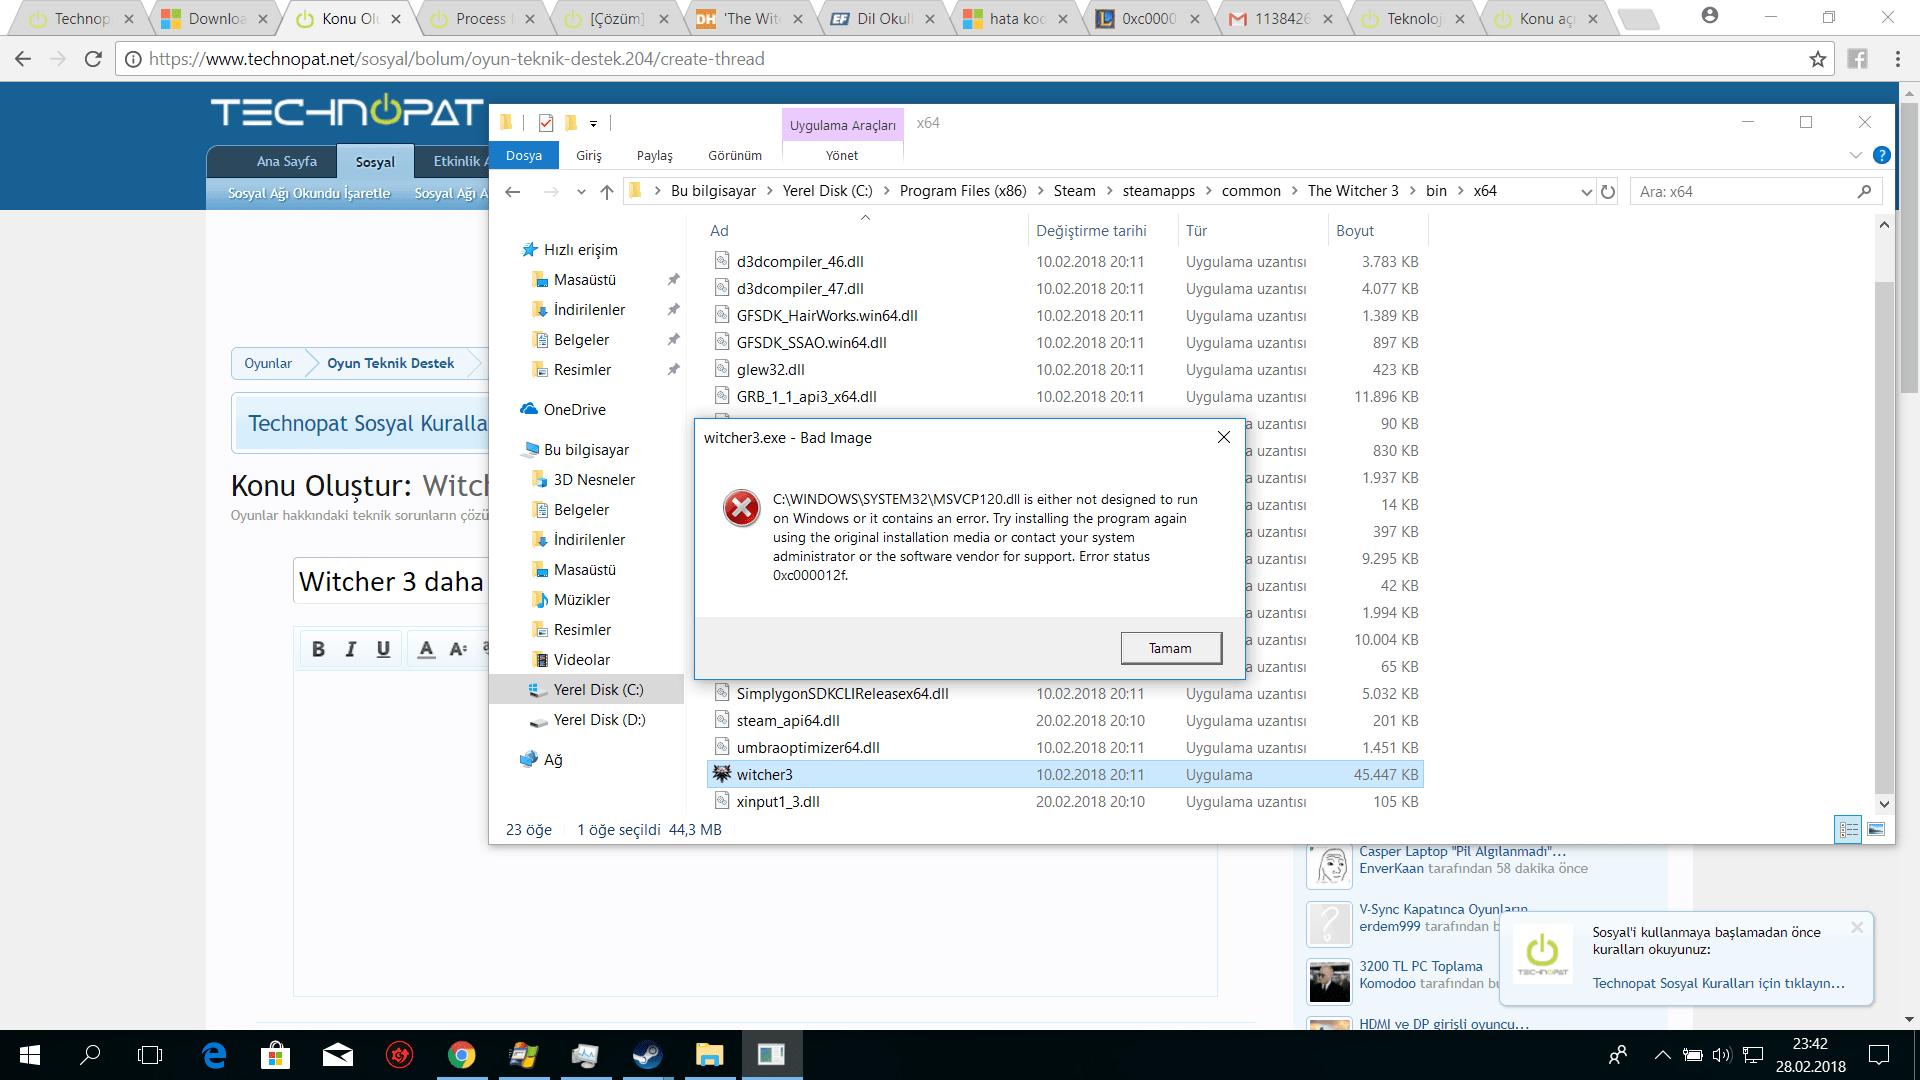 msvcp120 dll hatası